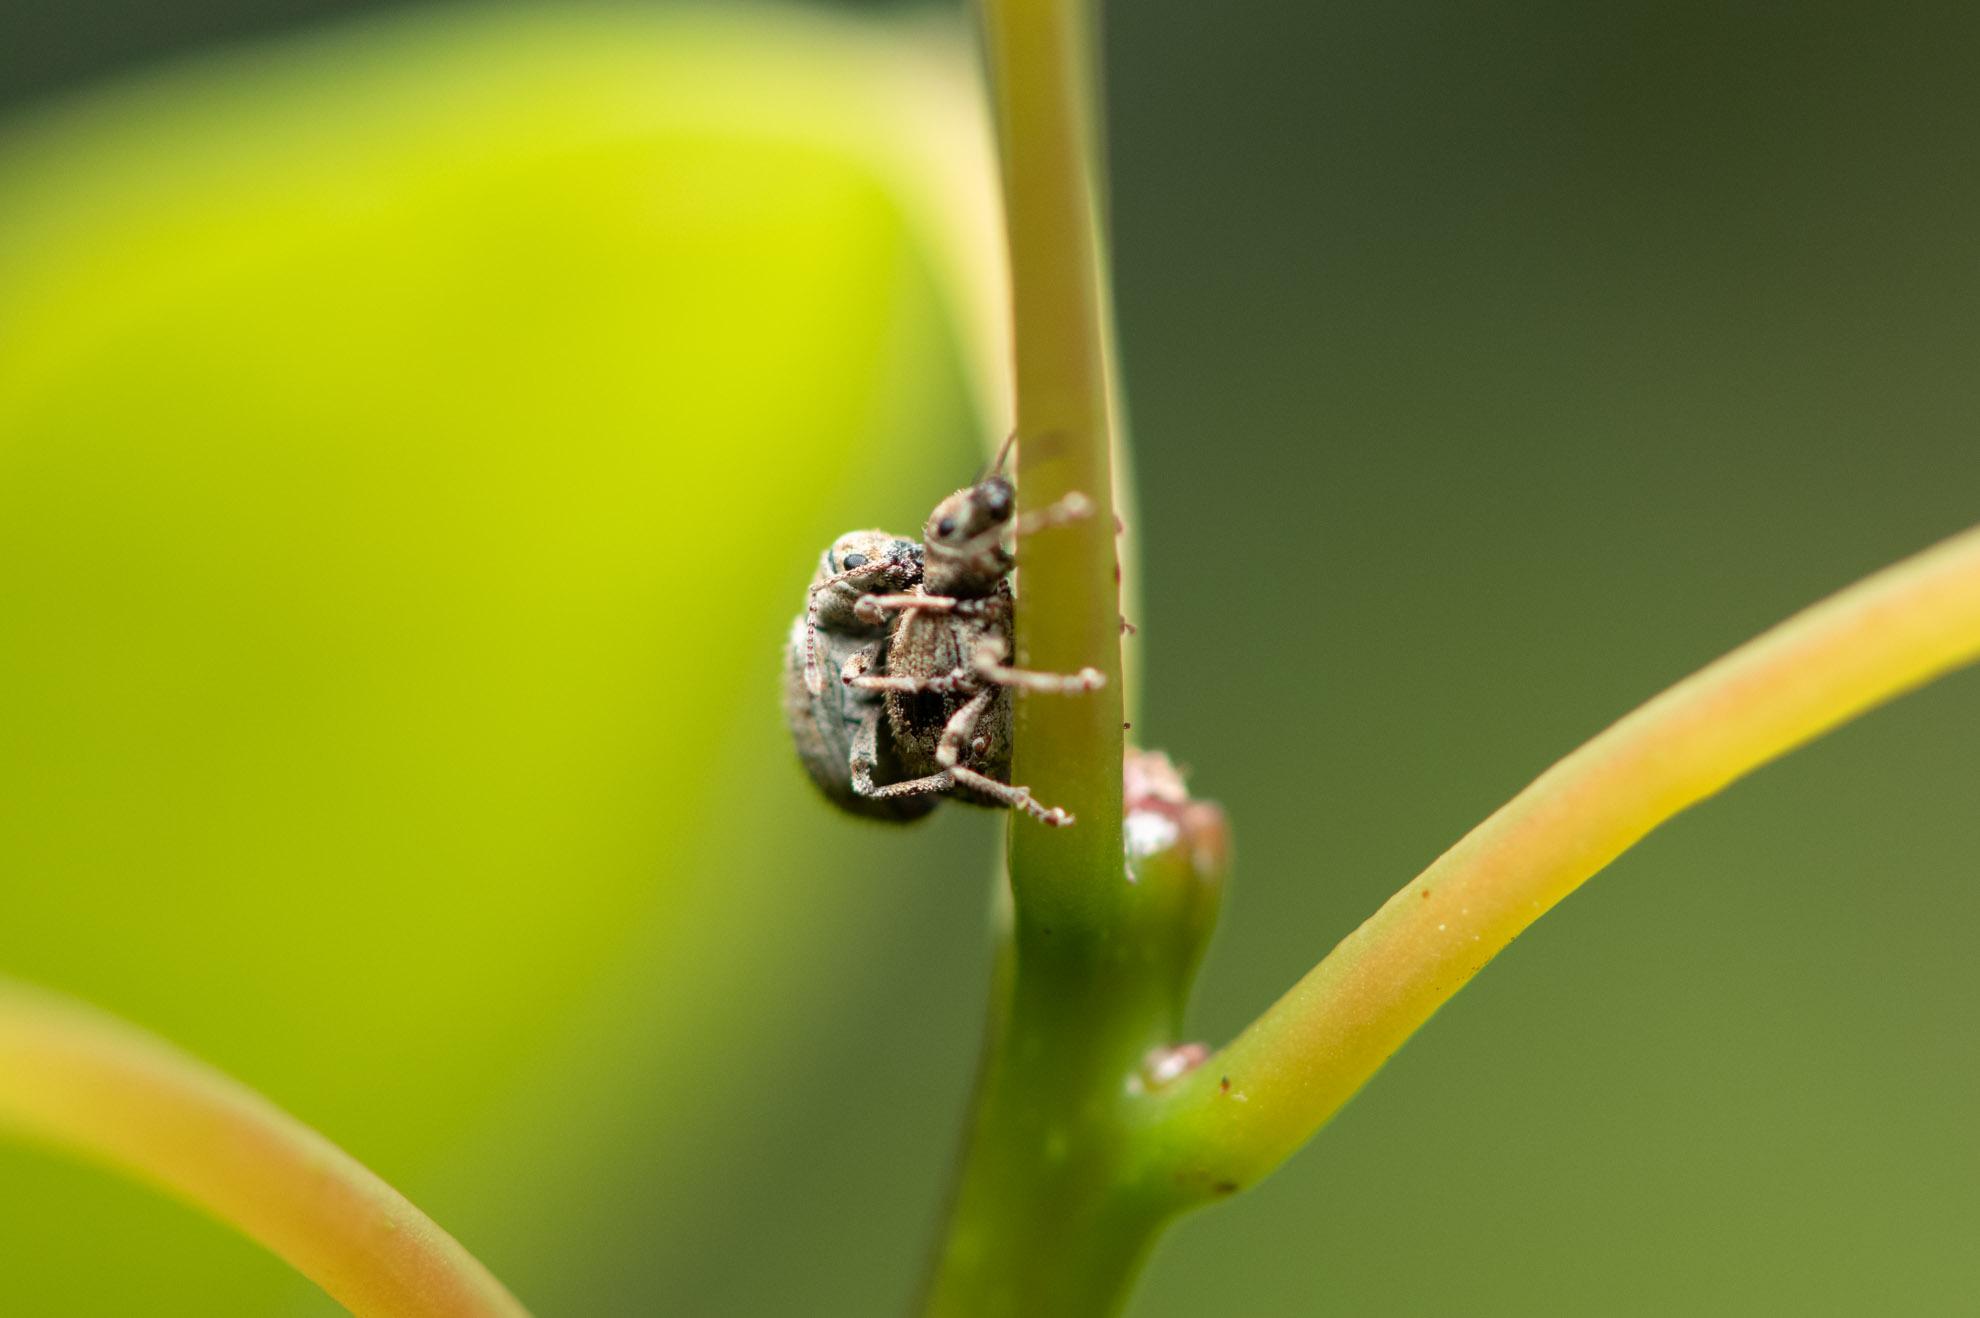 交尾中のヒョウタンゾウムシ